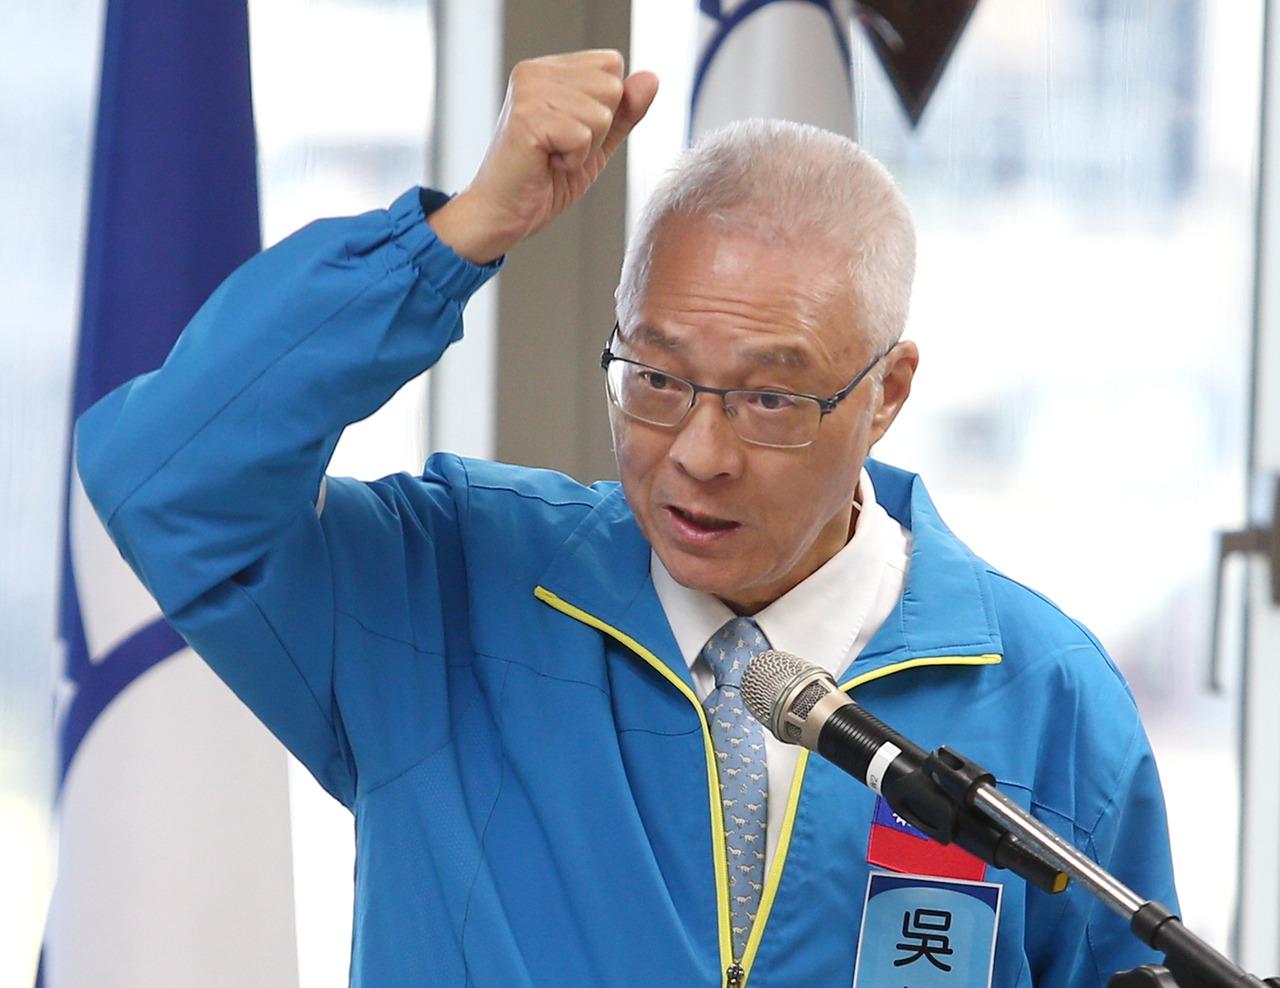 國民黨黨主席吳敦義表示,宋楚瑜殺出來後,影響藍軍的票比較多,讓國民黨立委選舉選情...